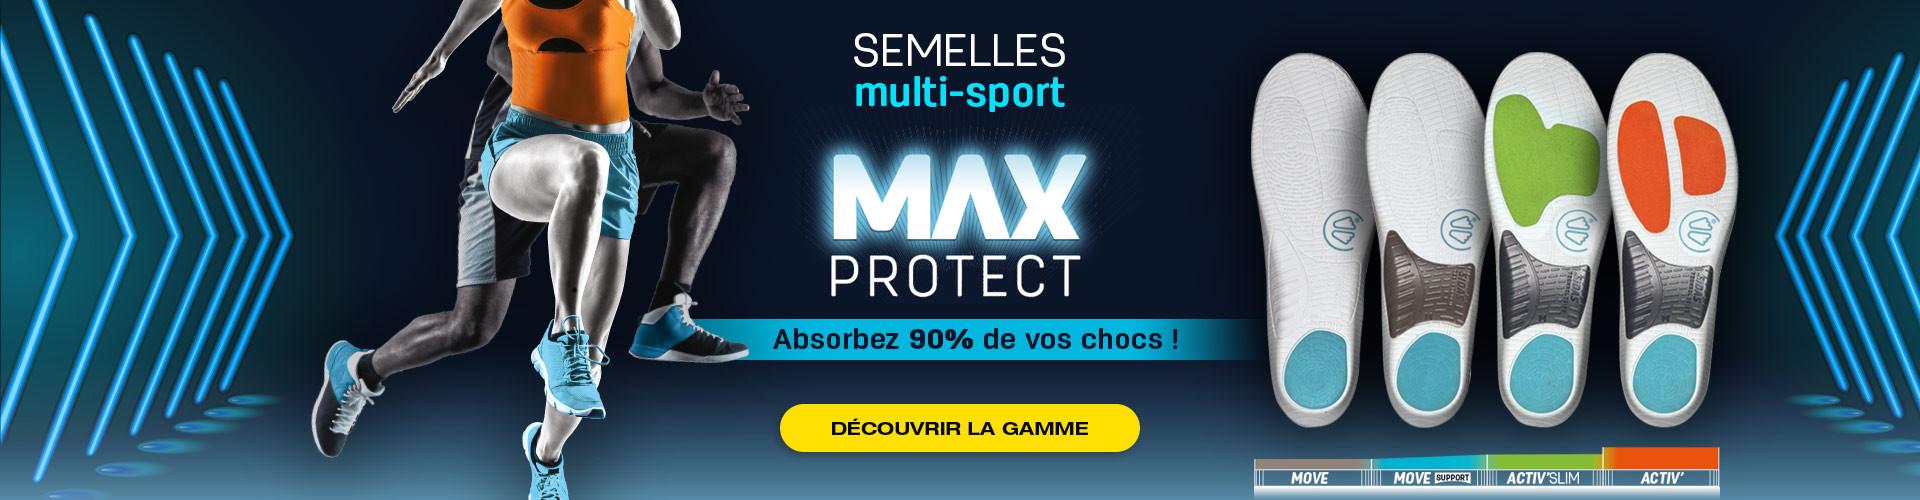 Découvrez les semelles Max Protect pour le multisport et absorbez 90% de vos chocs !